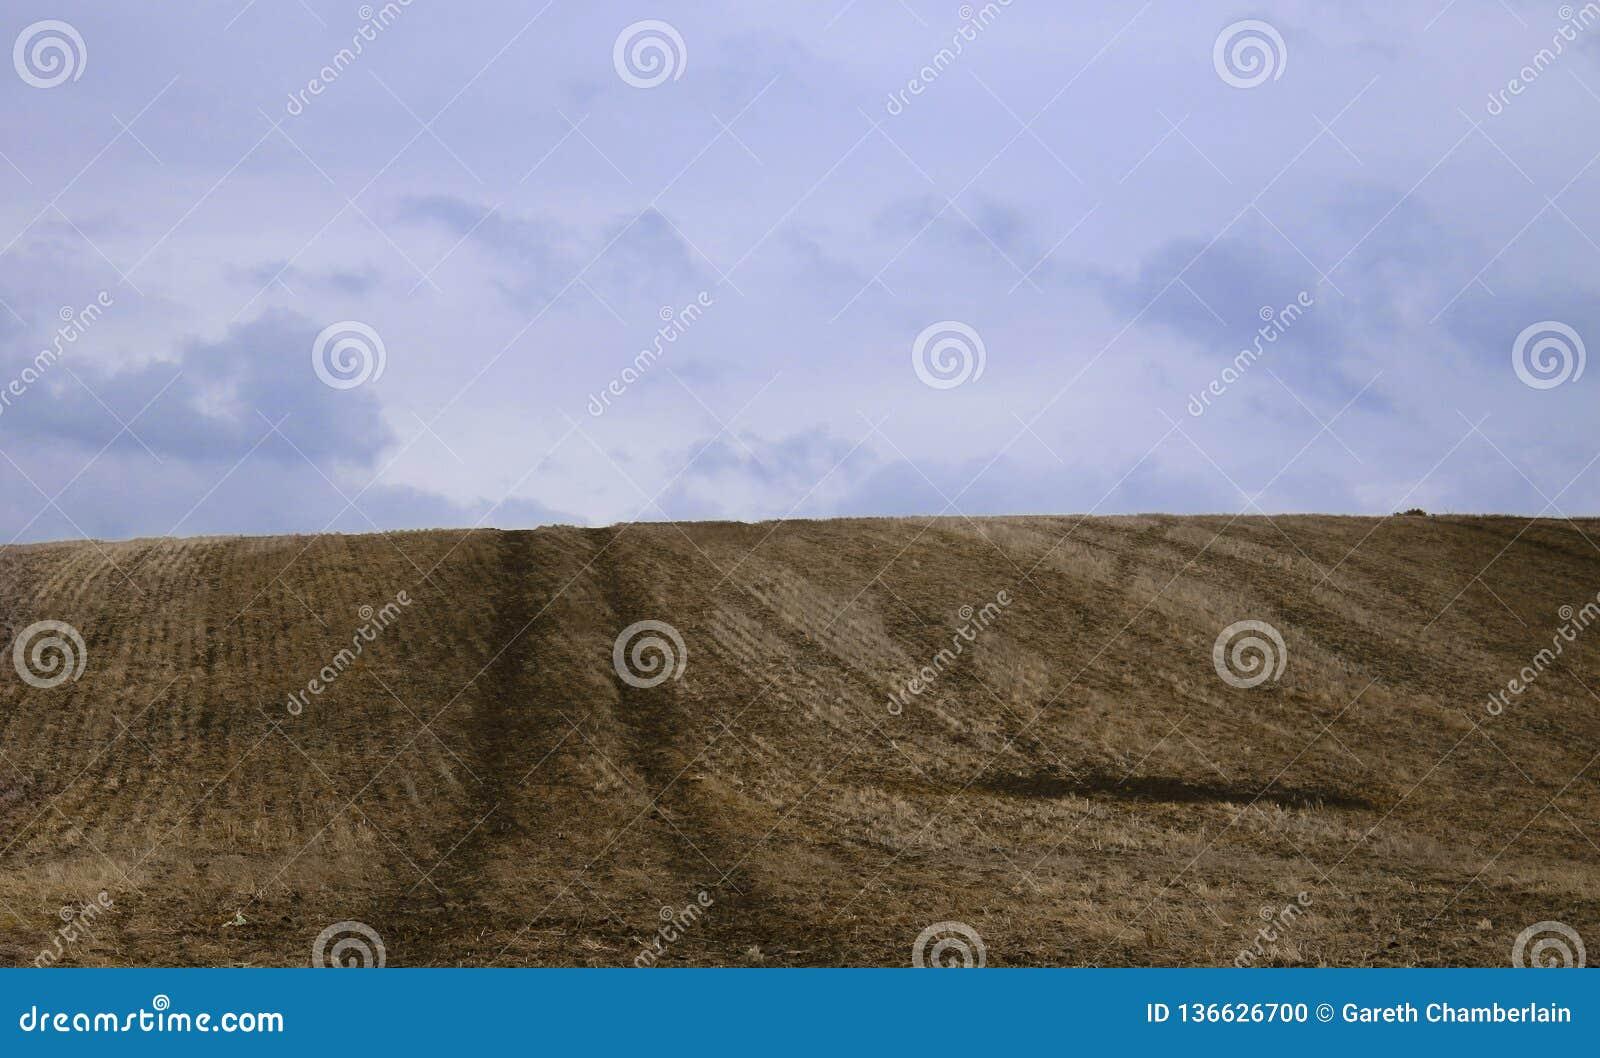 Over de heuvel is voor altijd blauwe hemel